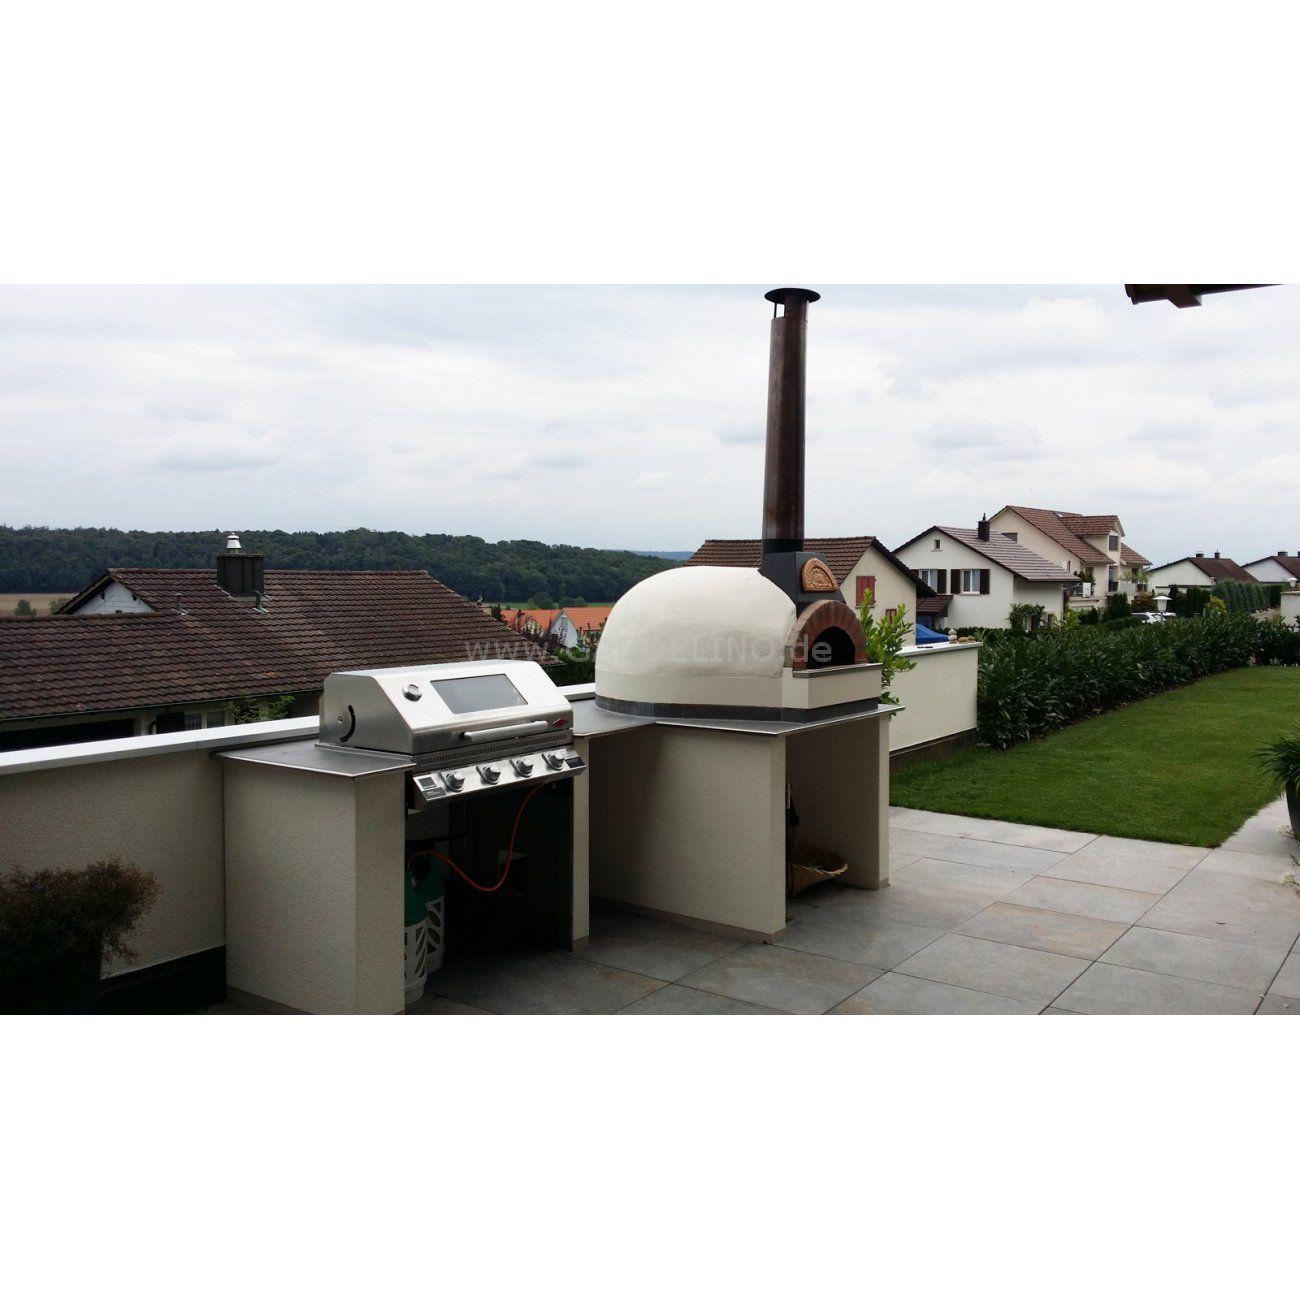 Einfache Aussenkuche Mit Valoriani Pizzaofen Und Beefeater Grill Simple Outdoor Kitchen With Valoriani Pizza Ove Built In Grill Jacuzzi Outdoor Outdoor Grill